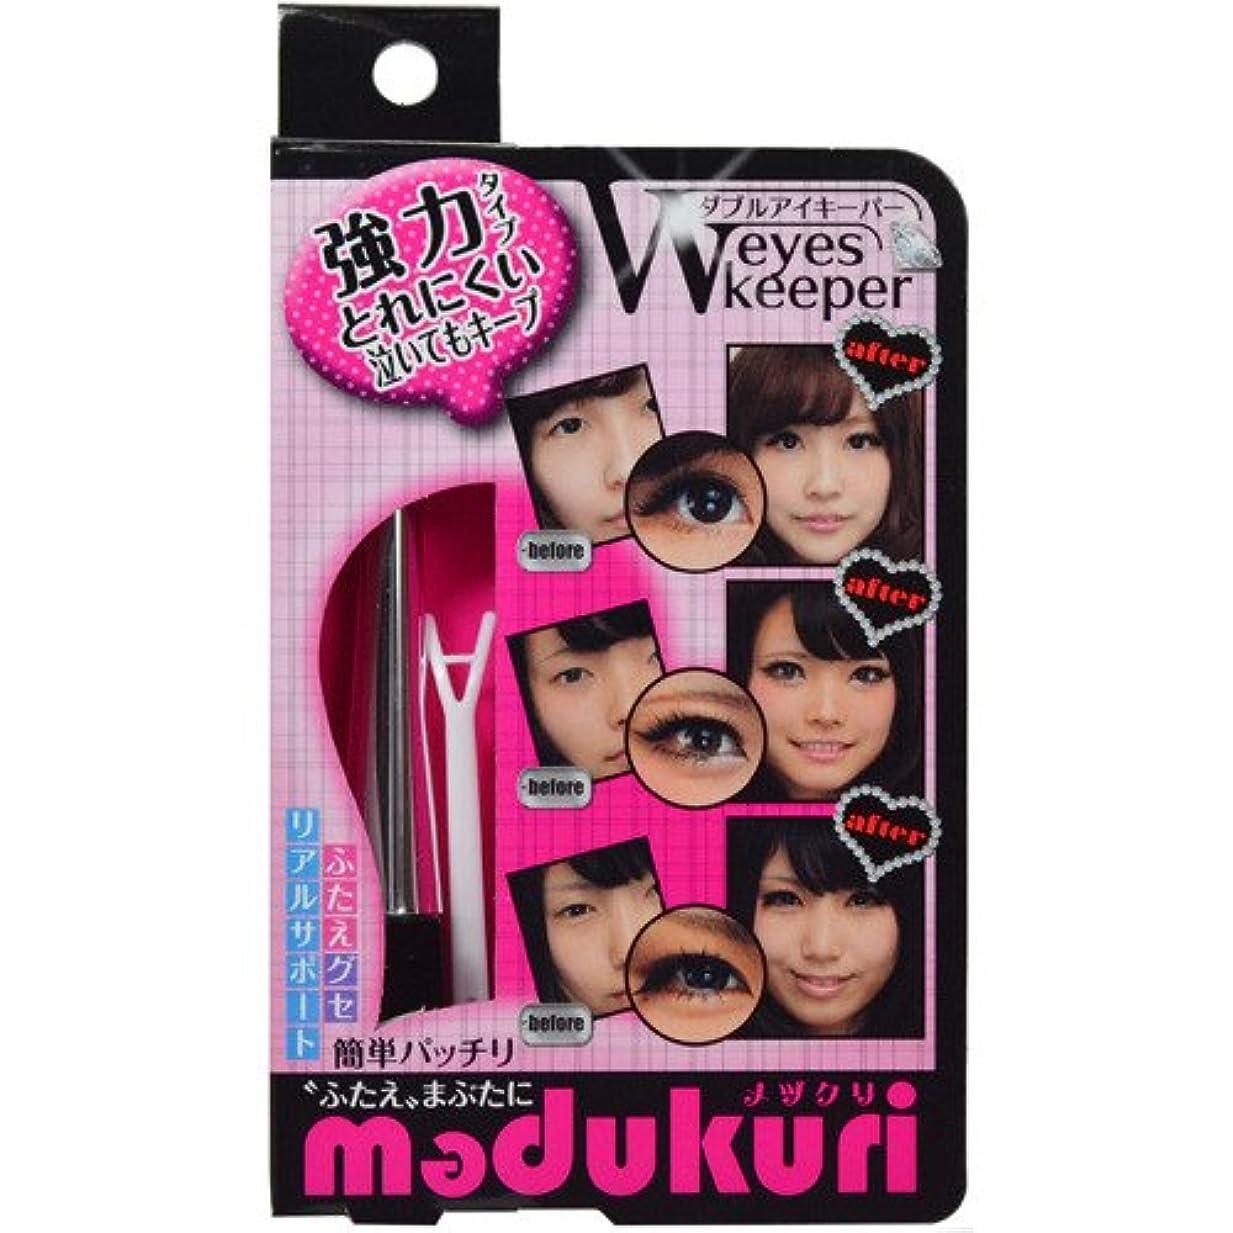 セール薄暗い現実的メヅクリ ダブルアイキーパー(二重まぶた化粧品)